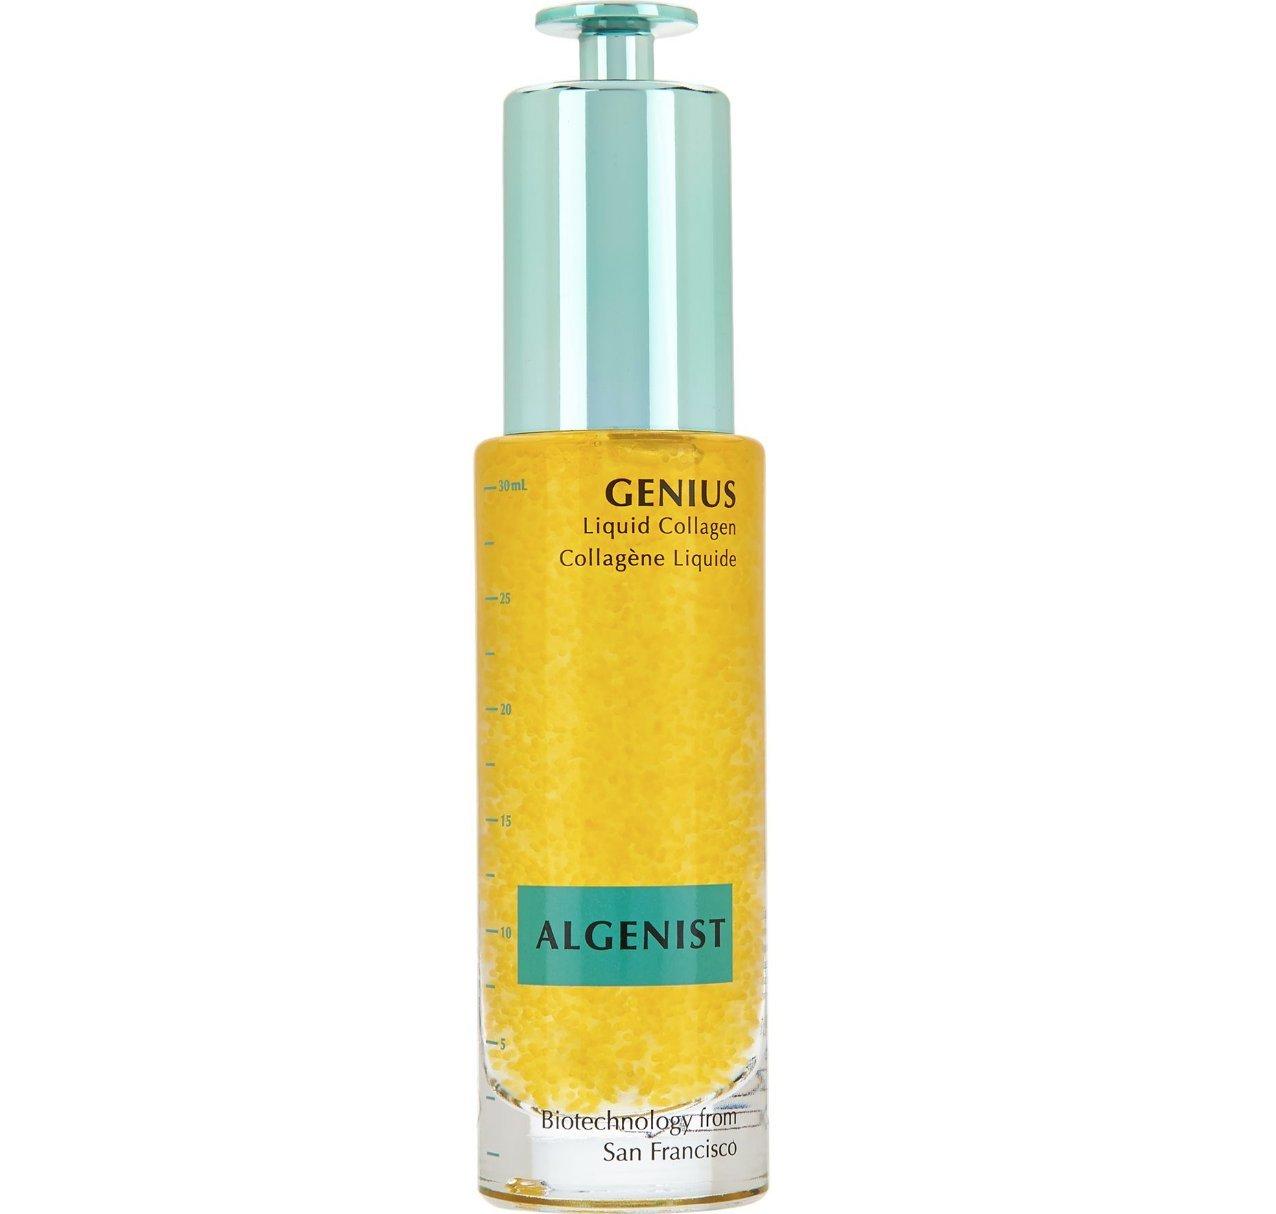 Algenist Genius Liquid Collagen, 1 oz